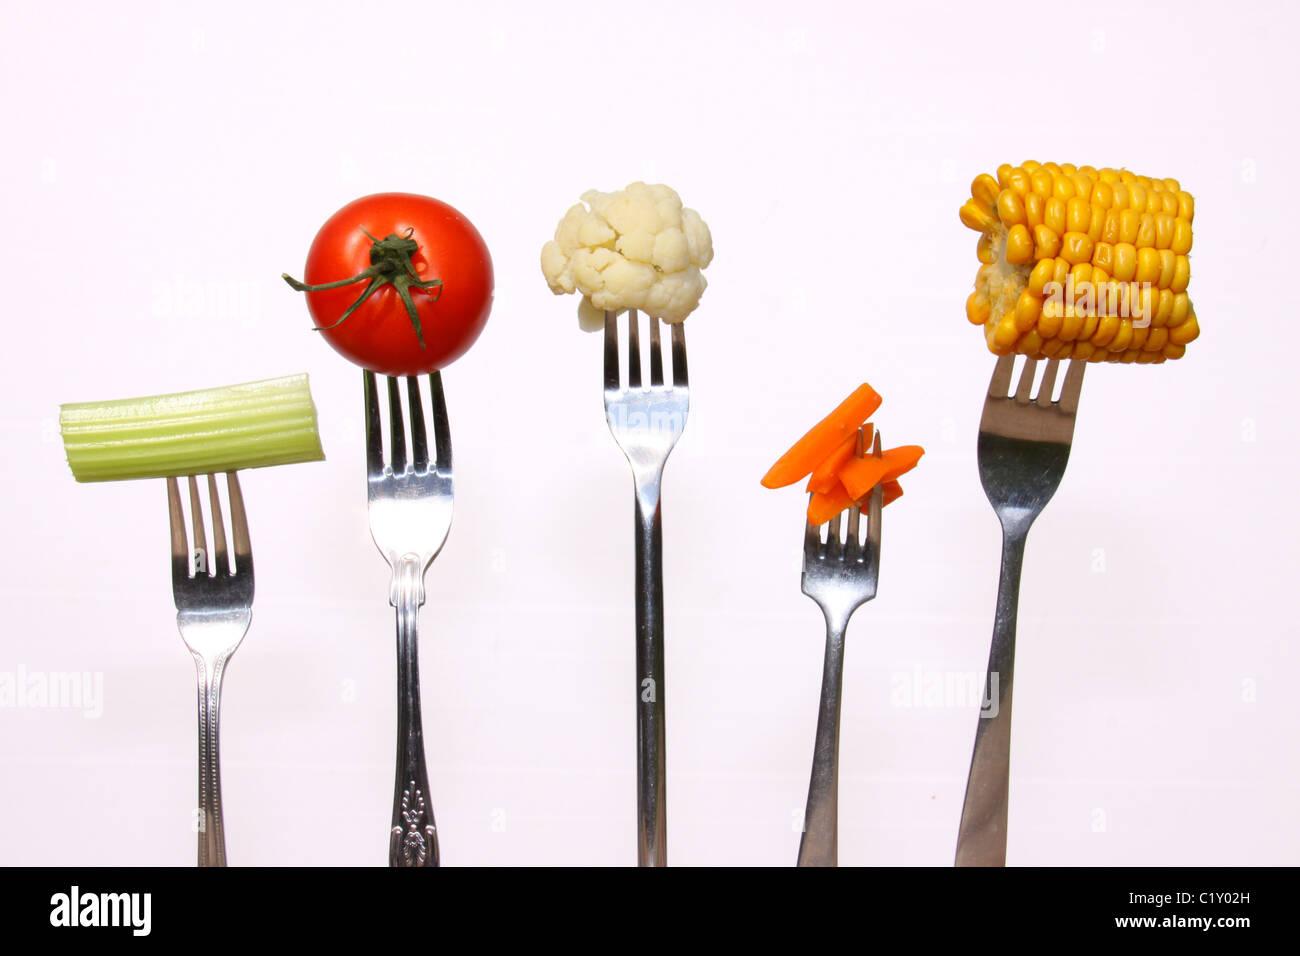 Eine Reihe von verschiedenen Gemüsen gehaltenen Gabeln Stockbild